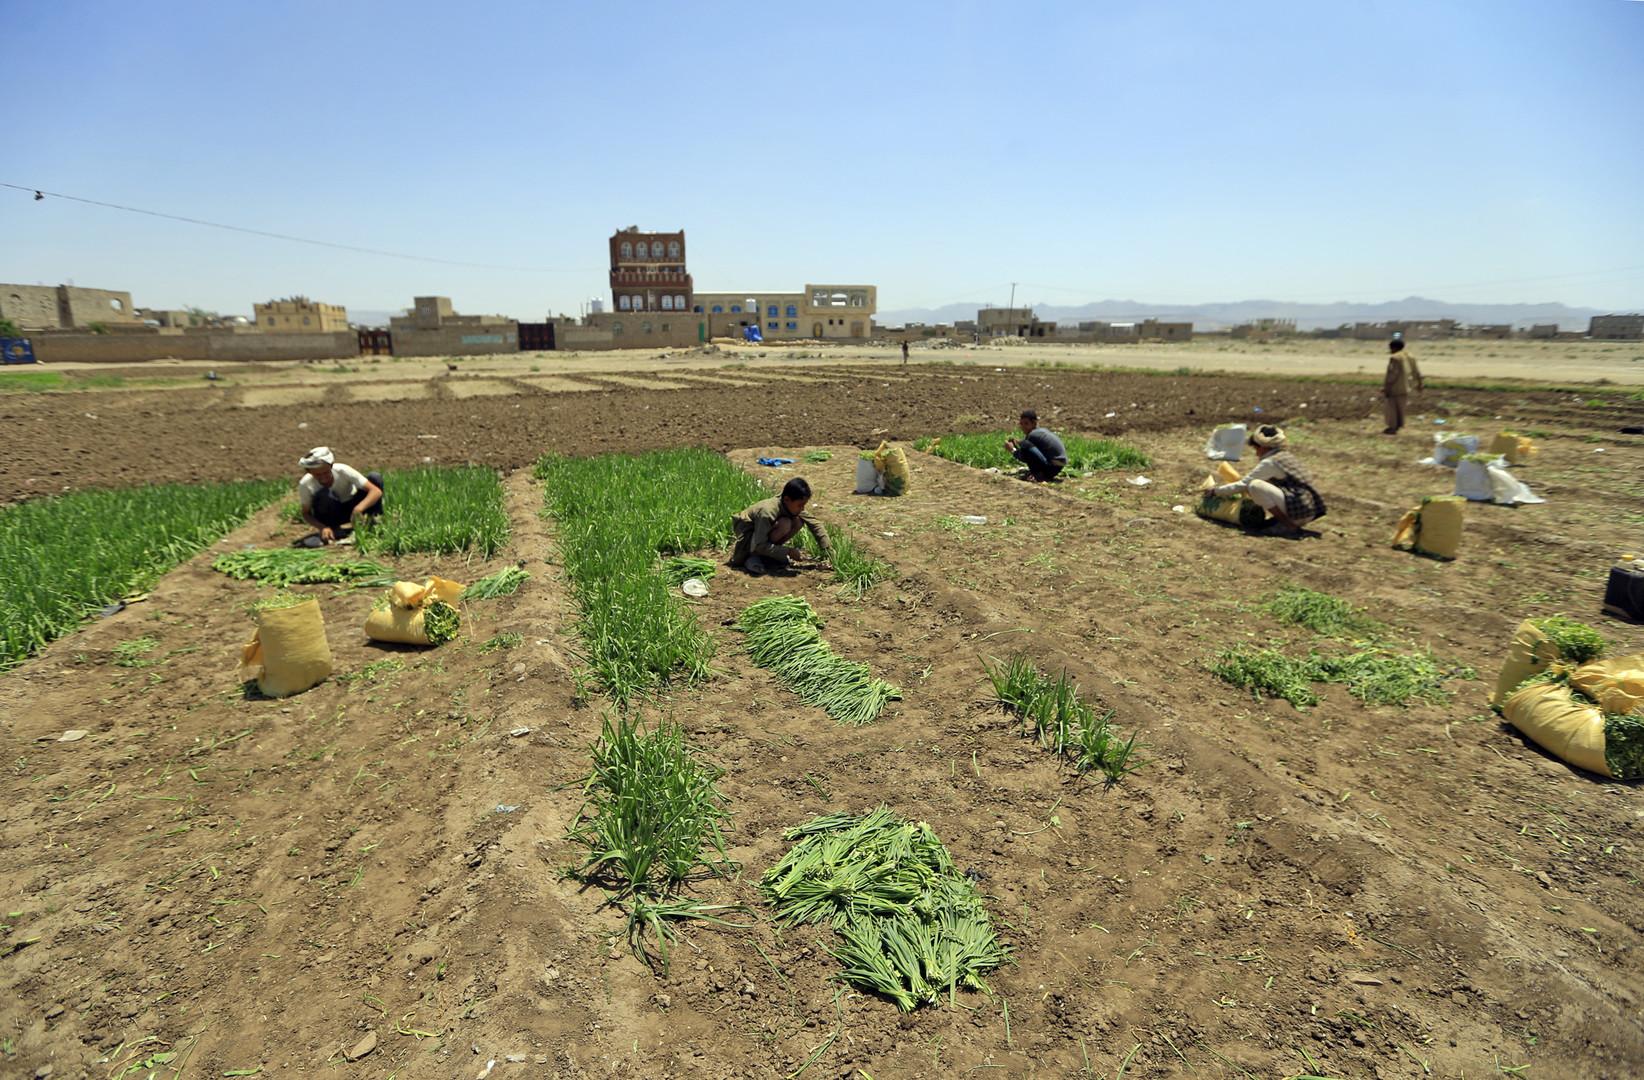 Jemenitische Bauern, darunter ein Kind, arbeiten am 19. September 2018 in einem Gemüsefeld am Rande von Sanaa. Mehr als fünf Millionen Kinder drohen im vom Krieg zerrütteten Jemen zu verhungern.